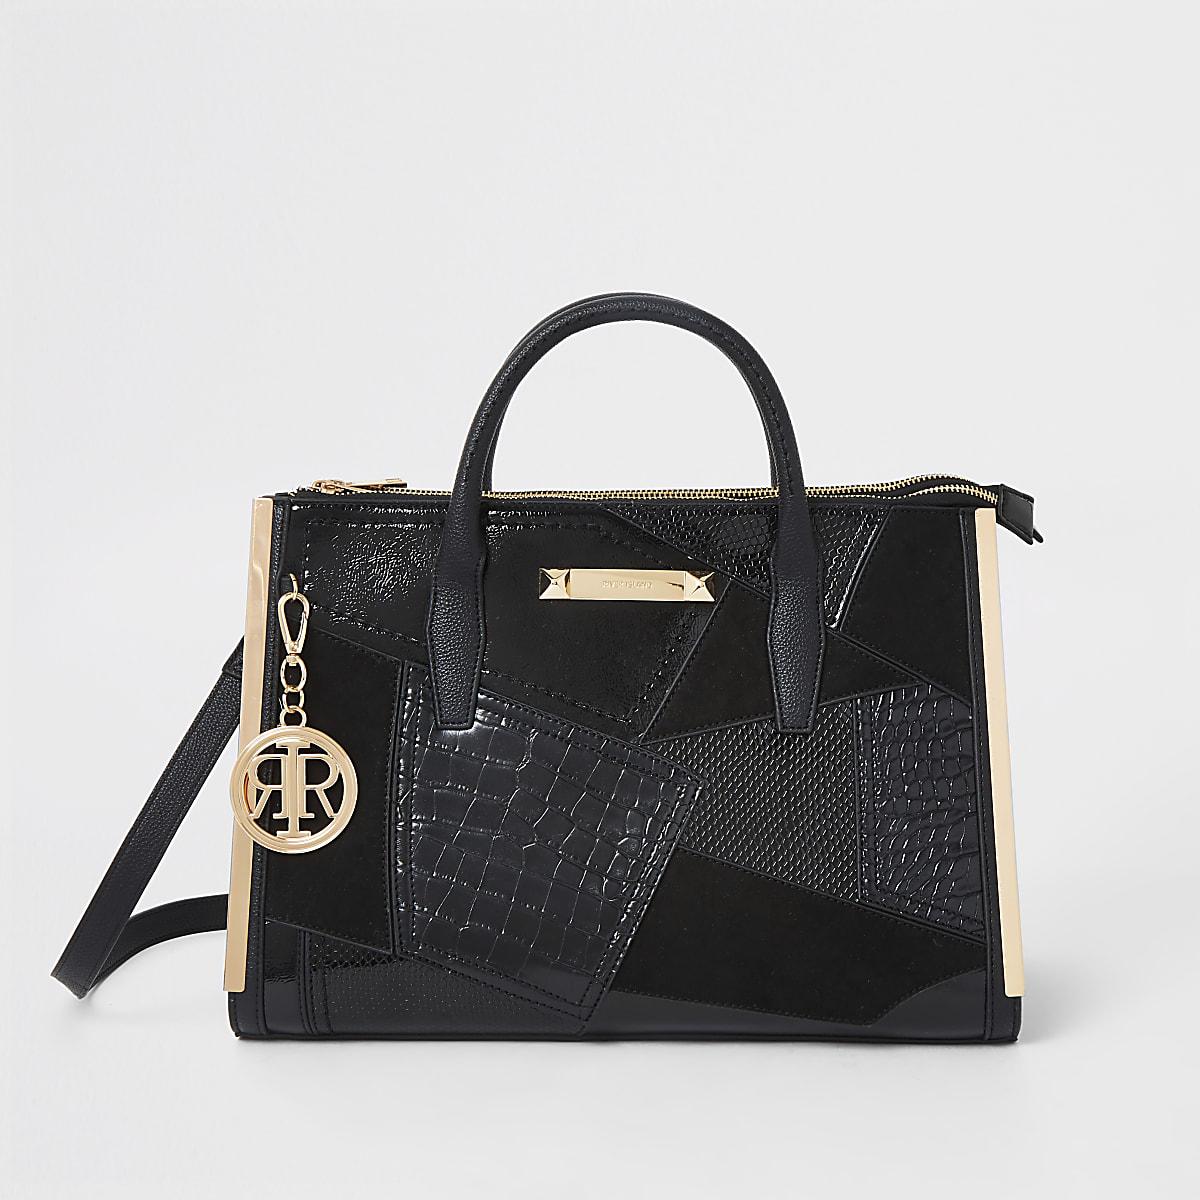 Zwarte shopperhandtas met vlakken